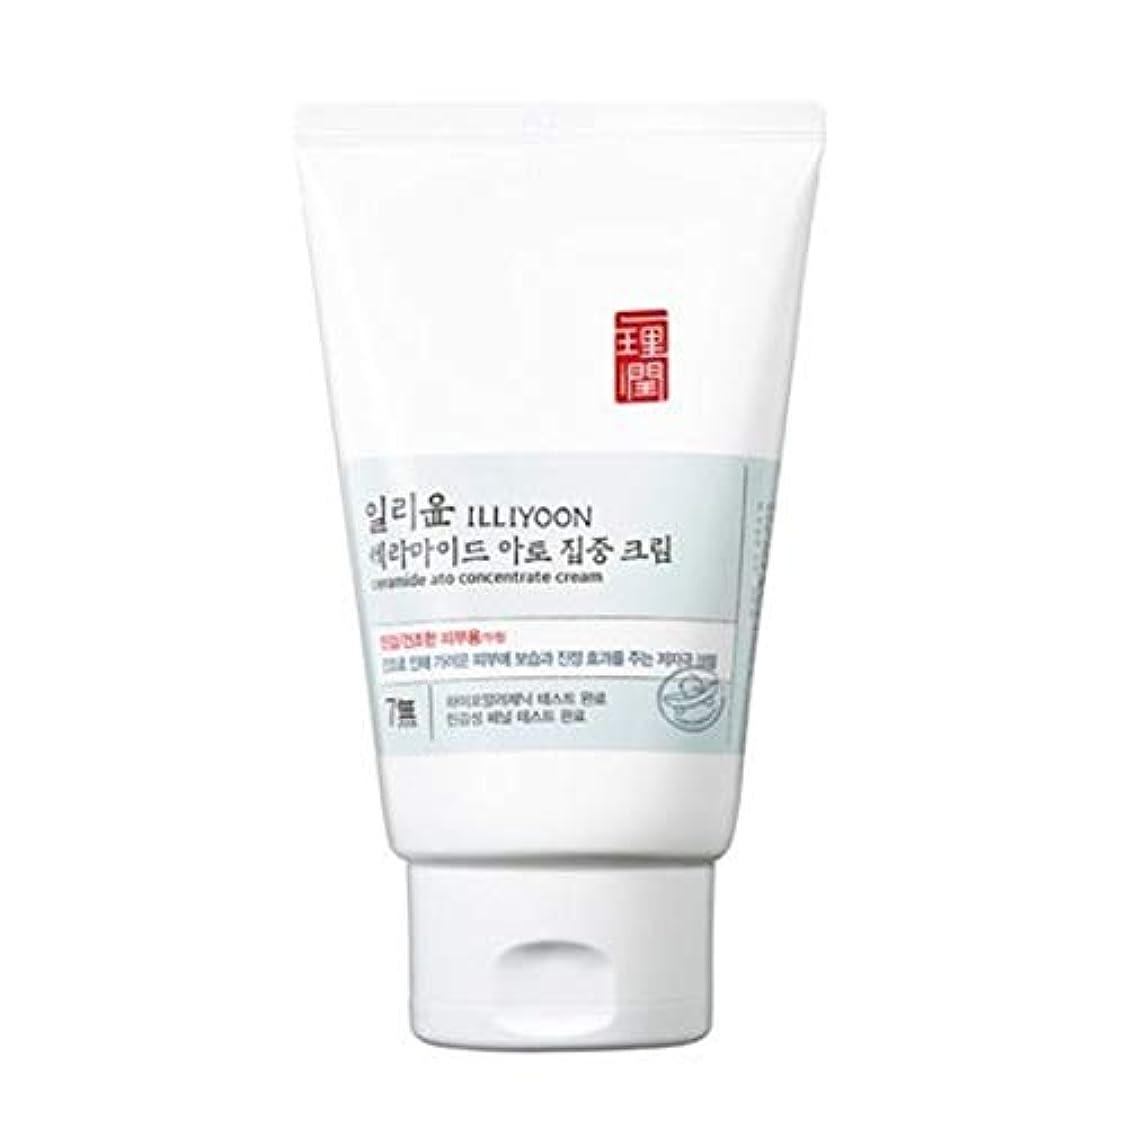 今日豆面白いイリユン セラミド アト コンセントレートモイスチャライザークリーム 200ml / illiyoon Ceramide Ato Concentrate Moisturizer Cream